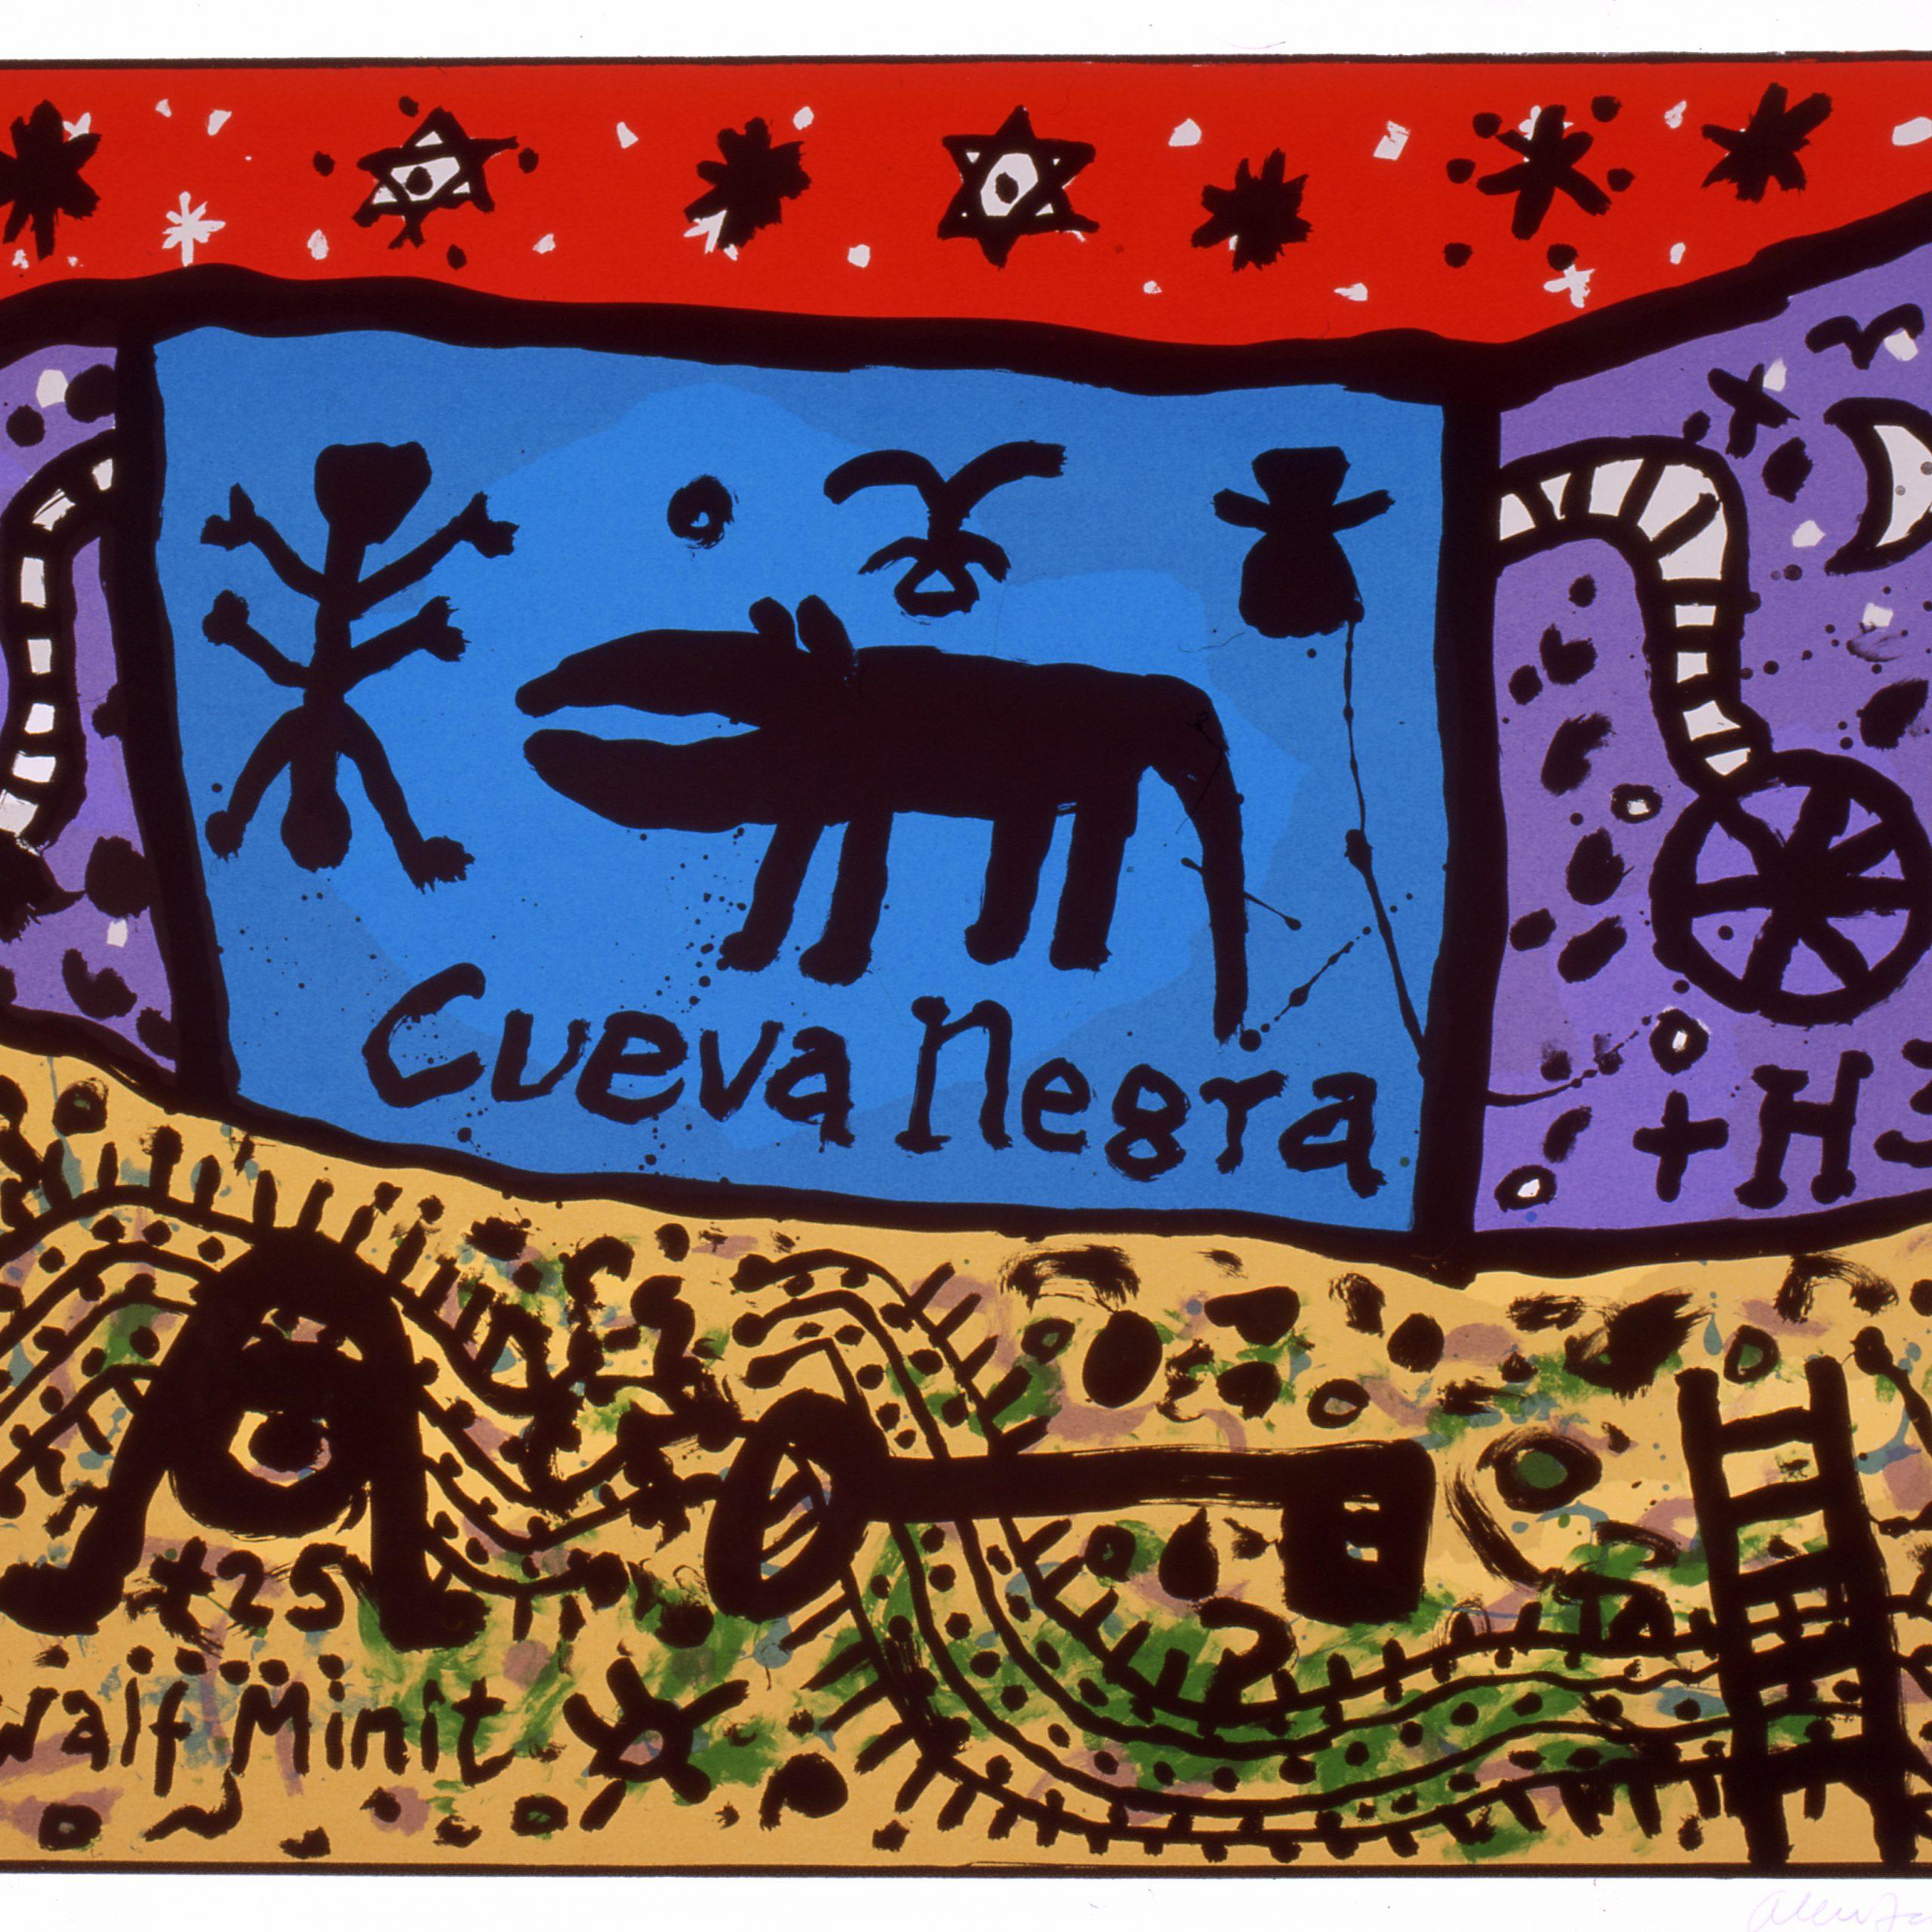 Alan Davie Cueva Negra